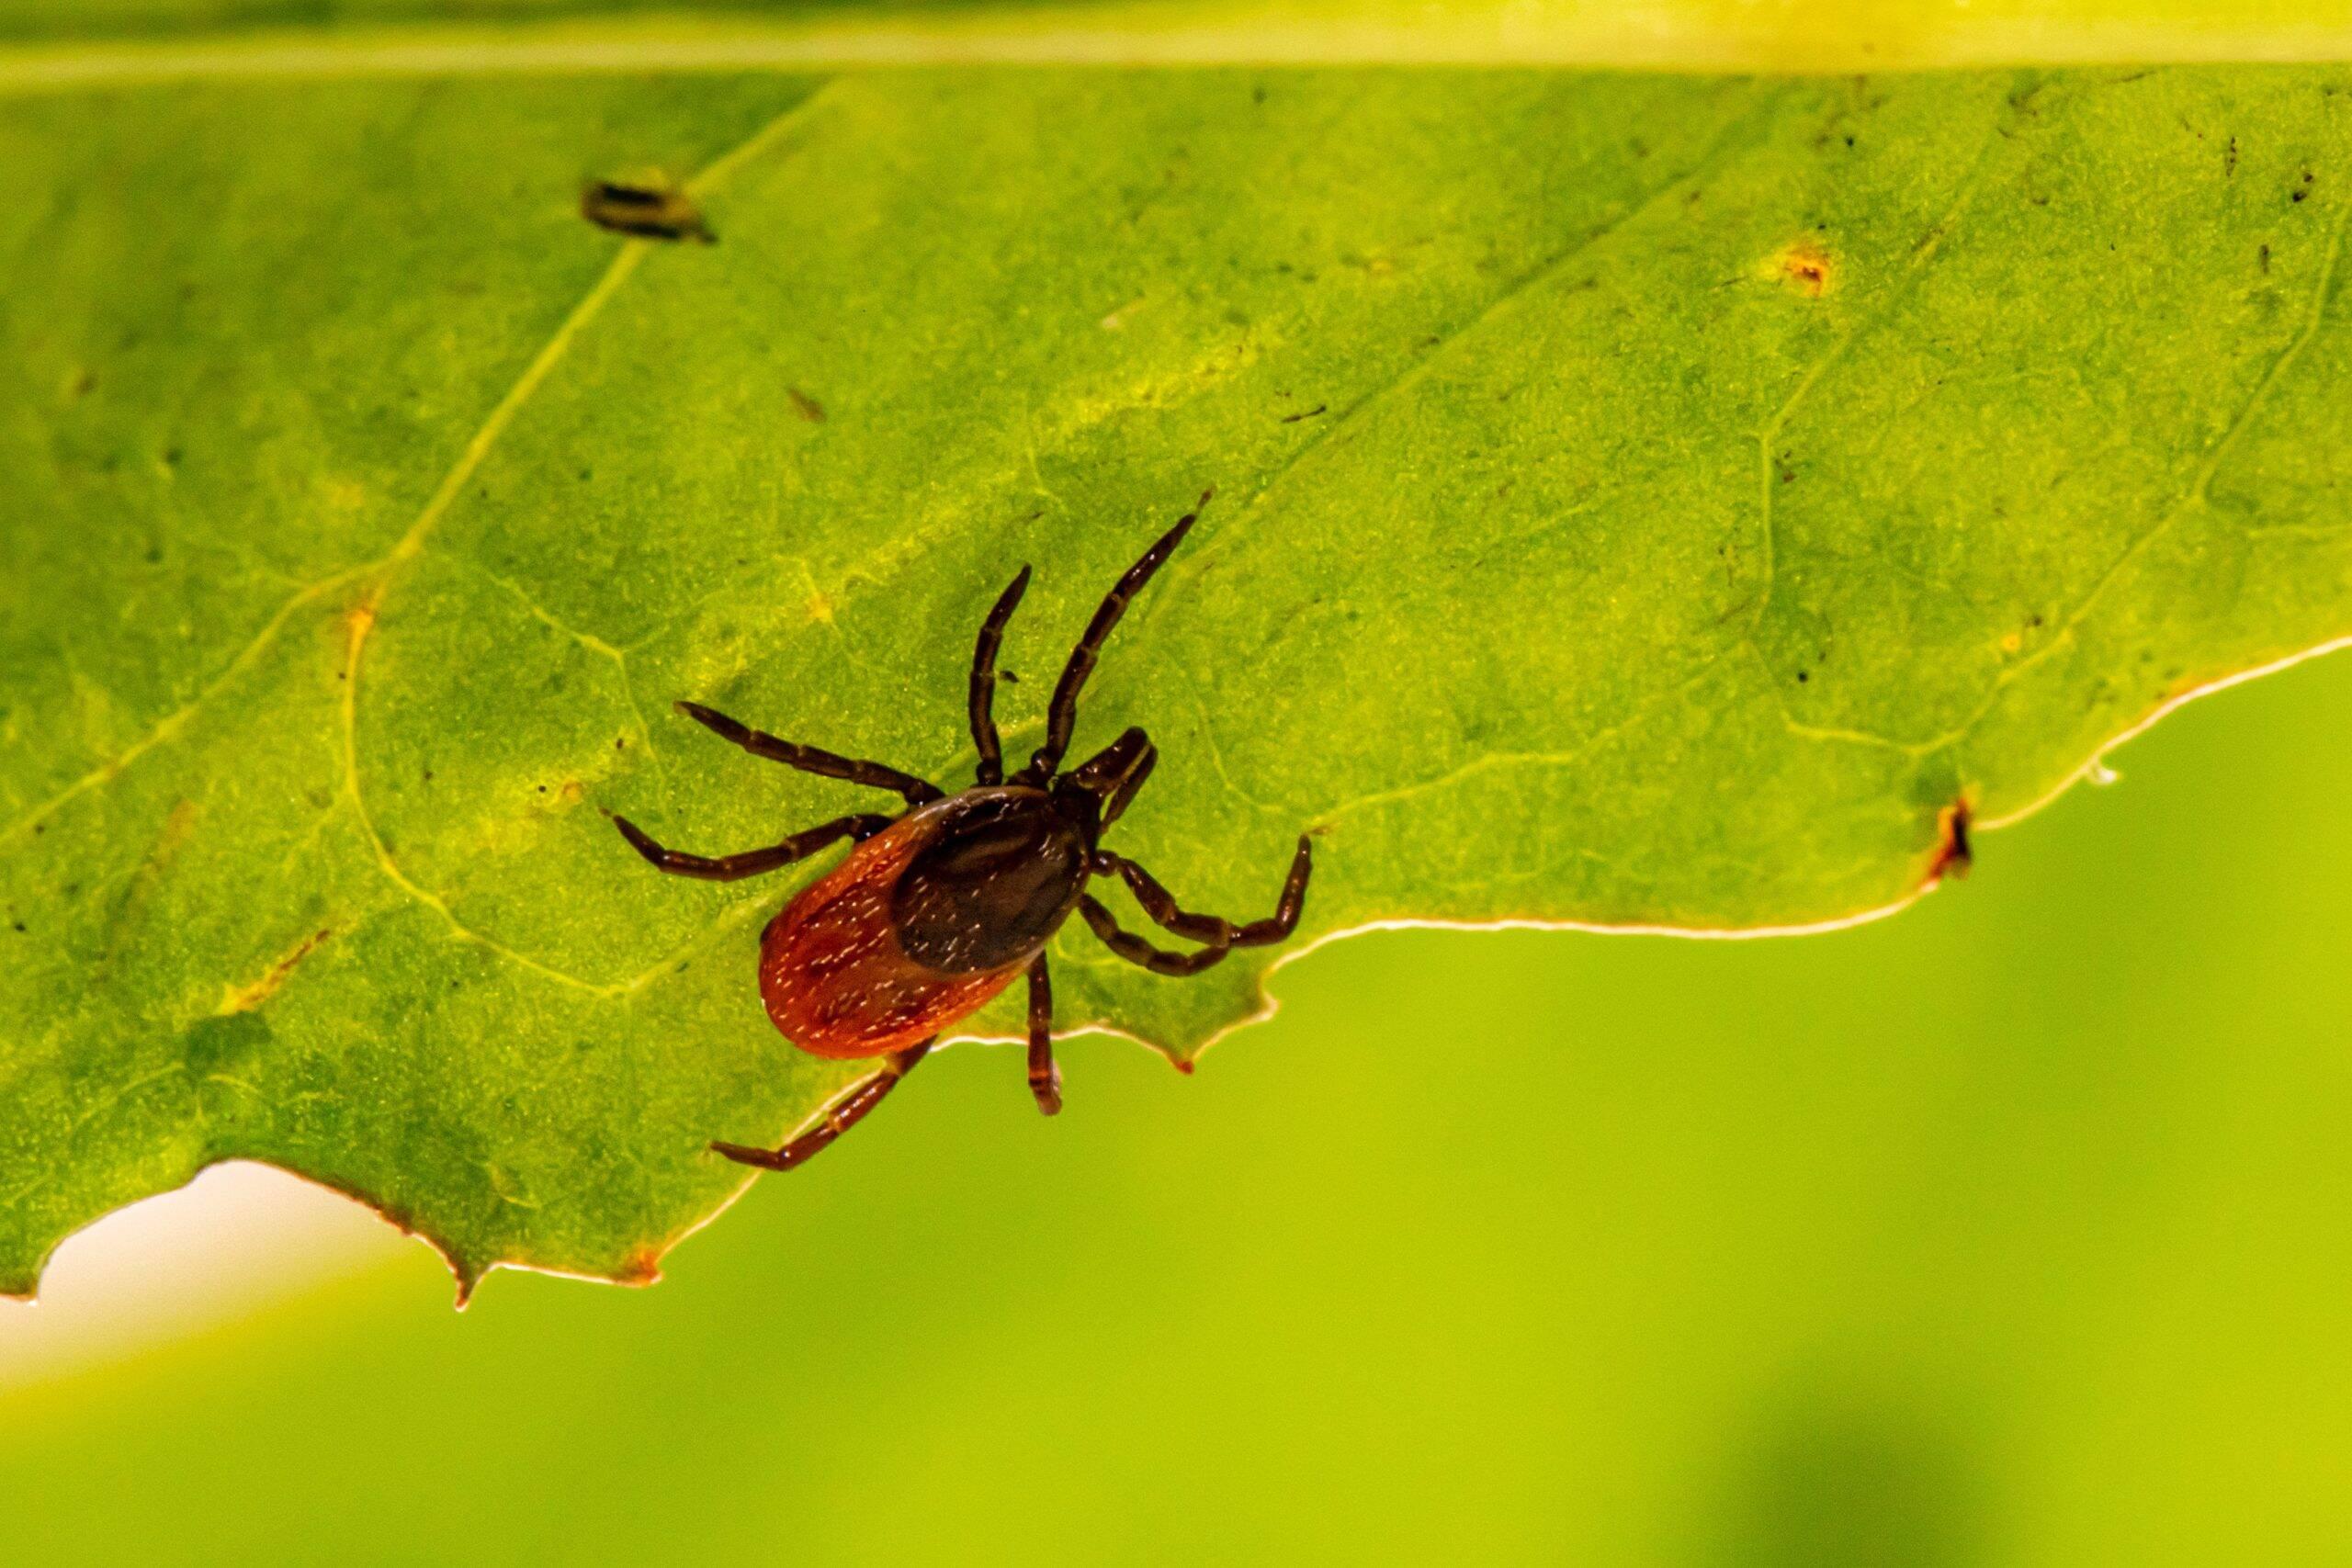 Ele é transmitido por carrapatos infectados e tem uma taxa de mortalidade de 40%. (Foto: Unsplash)